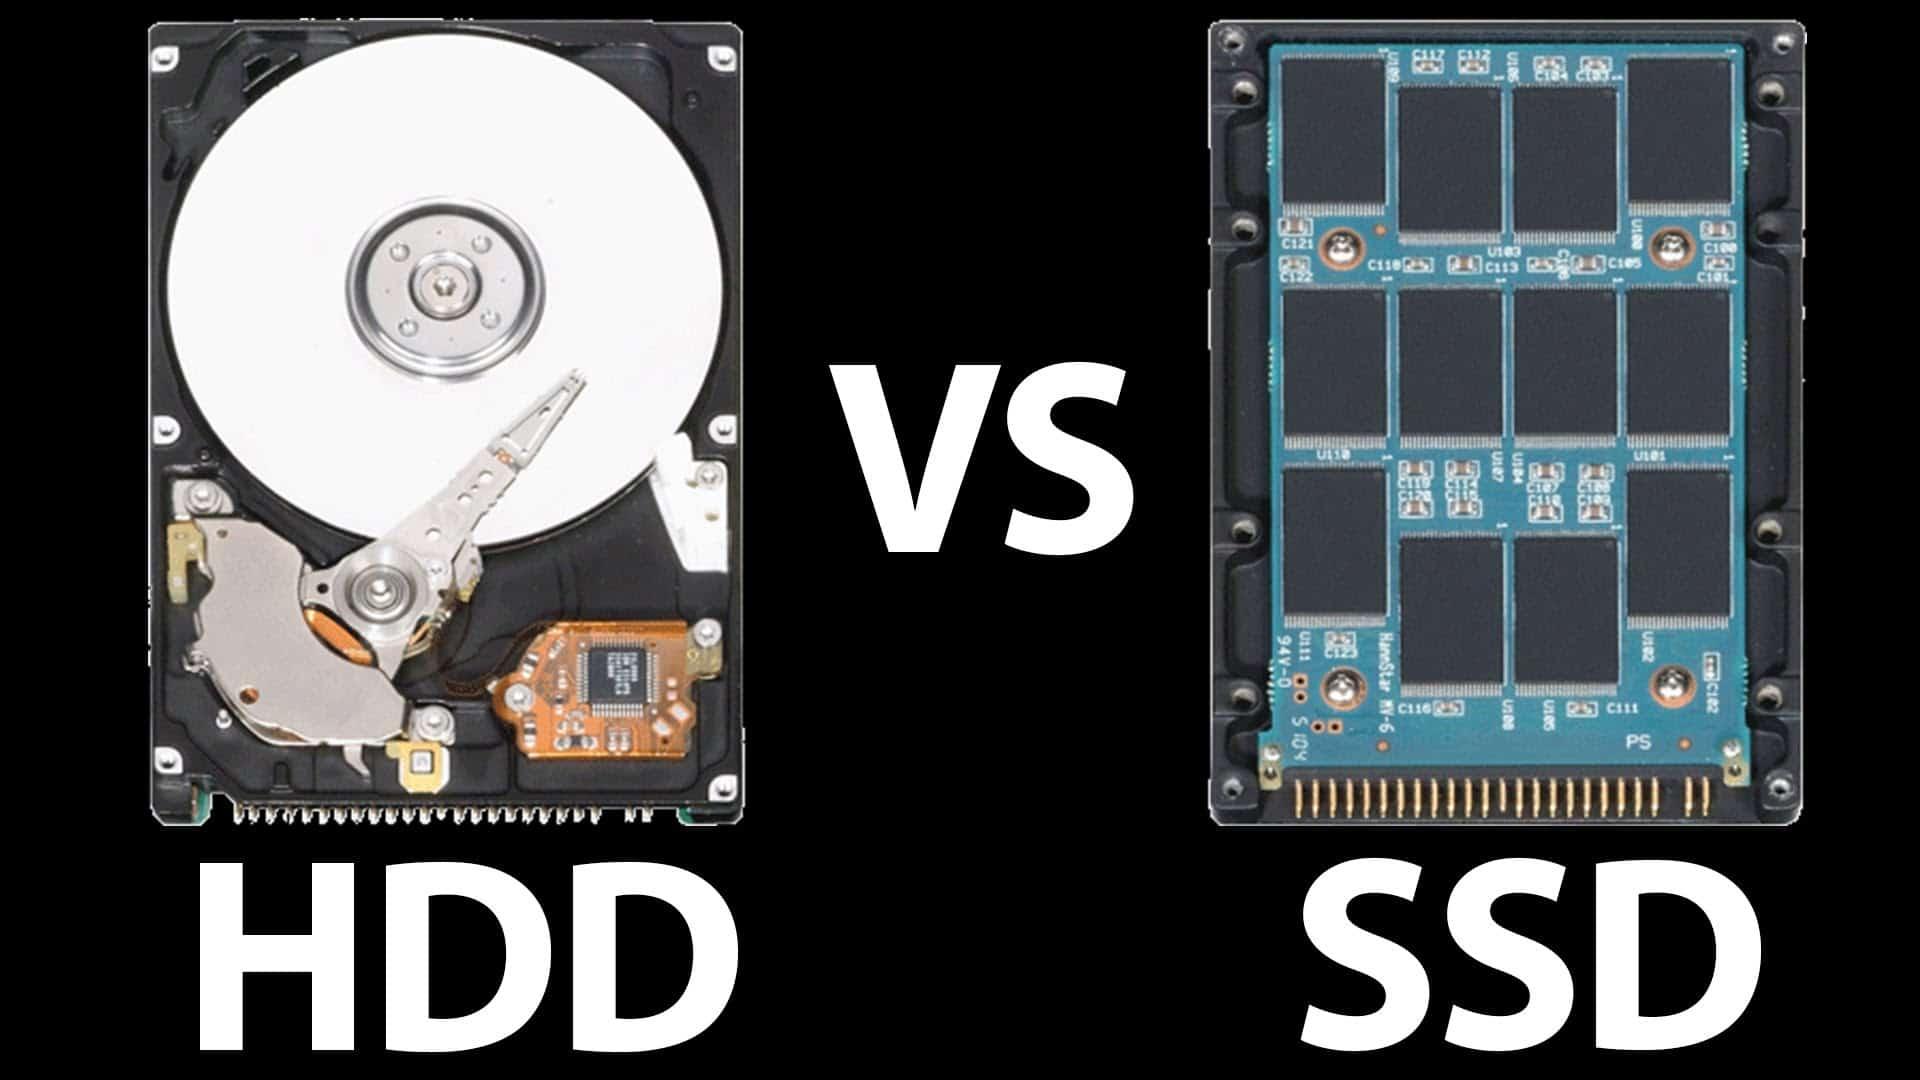 HDD v SSD